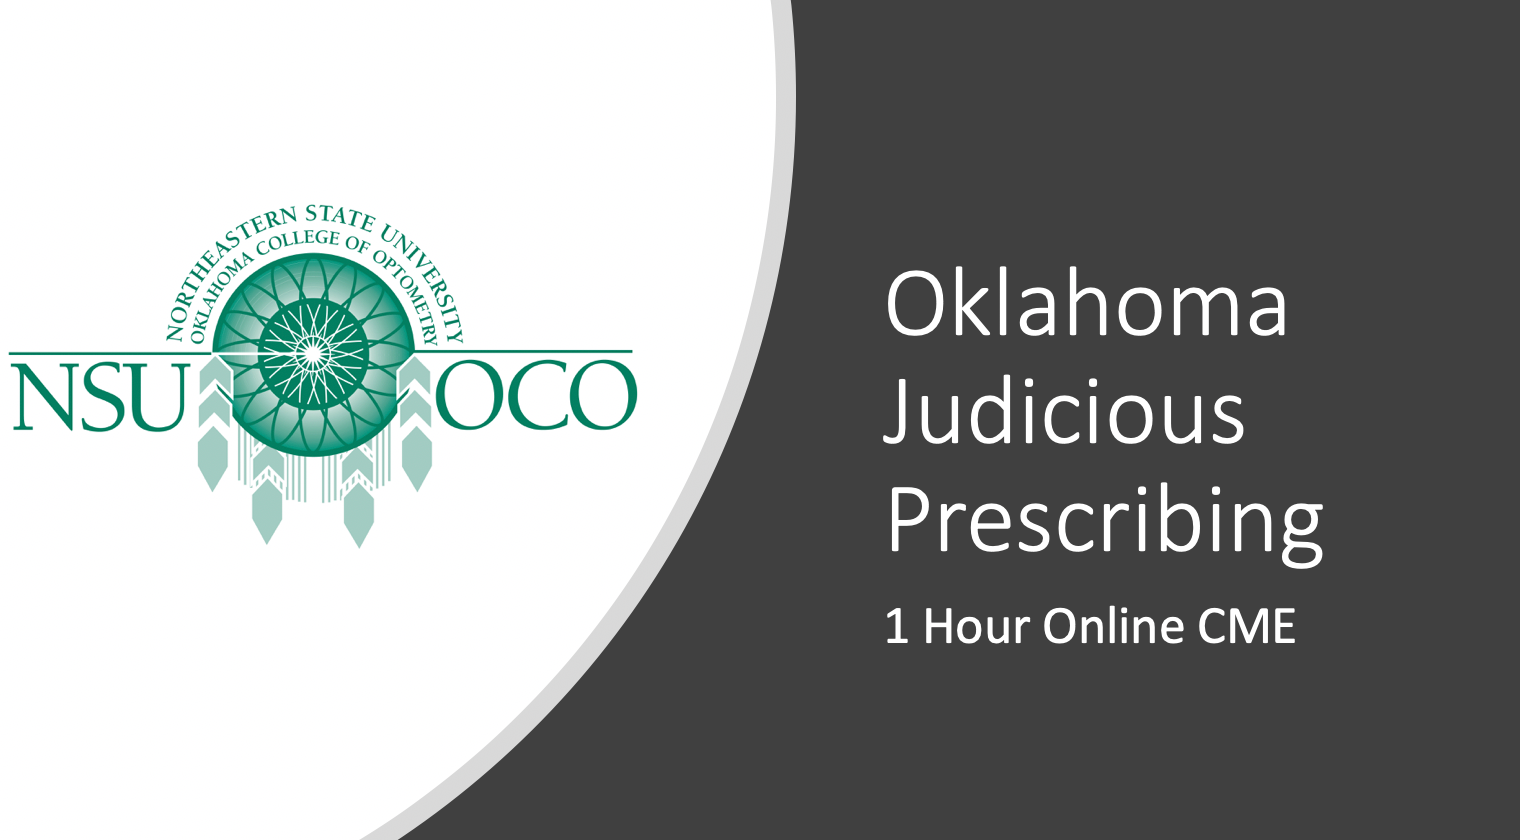 2021-2022 Oklahoma Judicious Prescribing